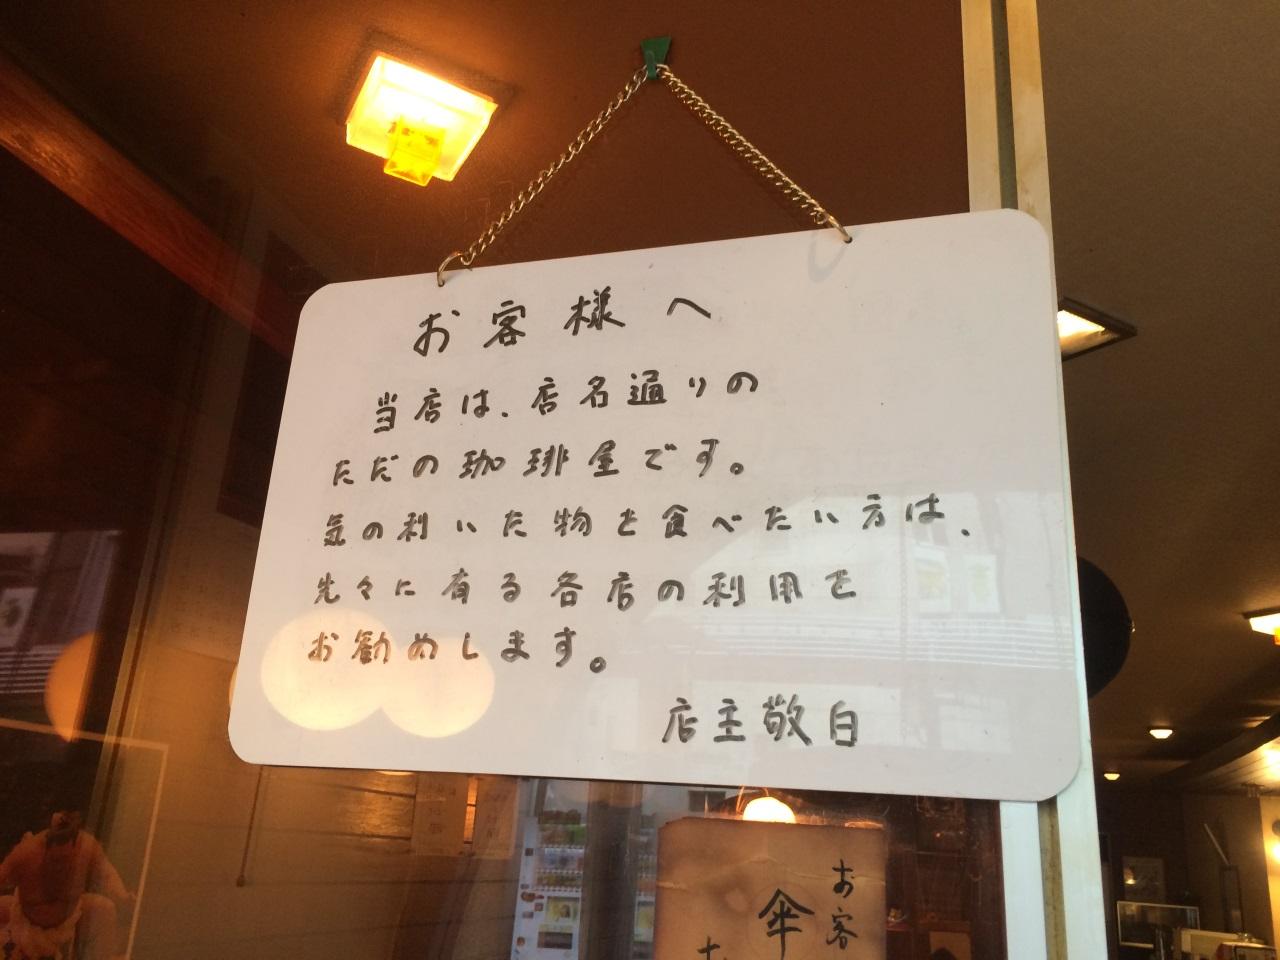 珈琲のオンリーの「当店は店名通りのただの珈琲屋です」